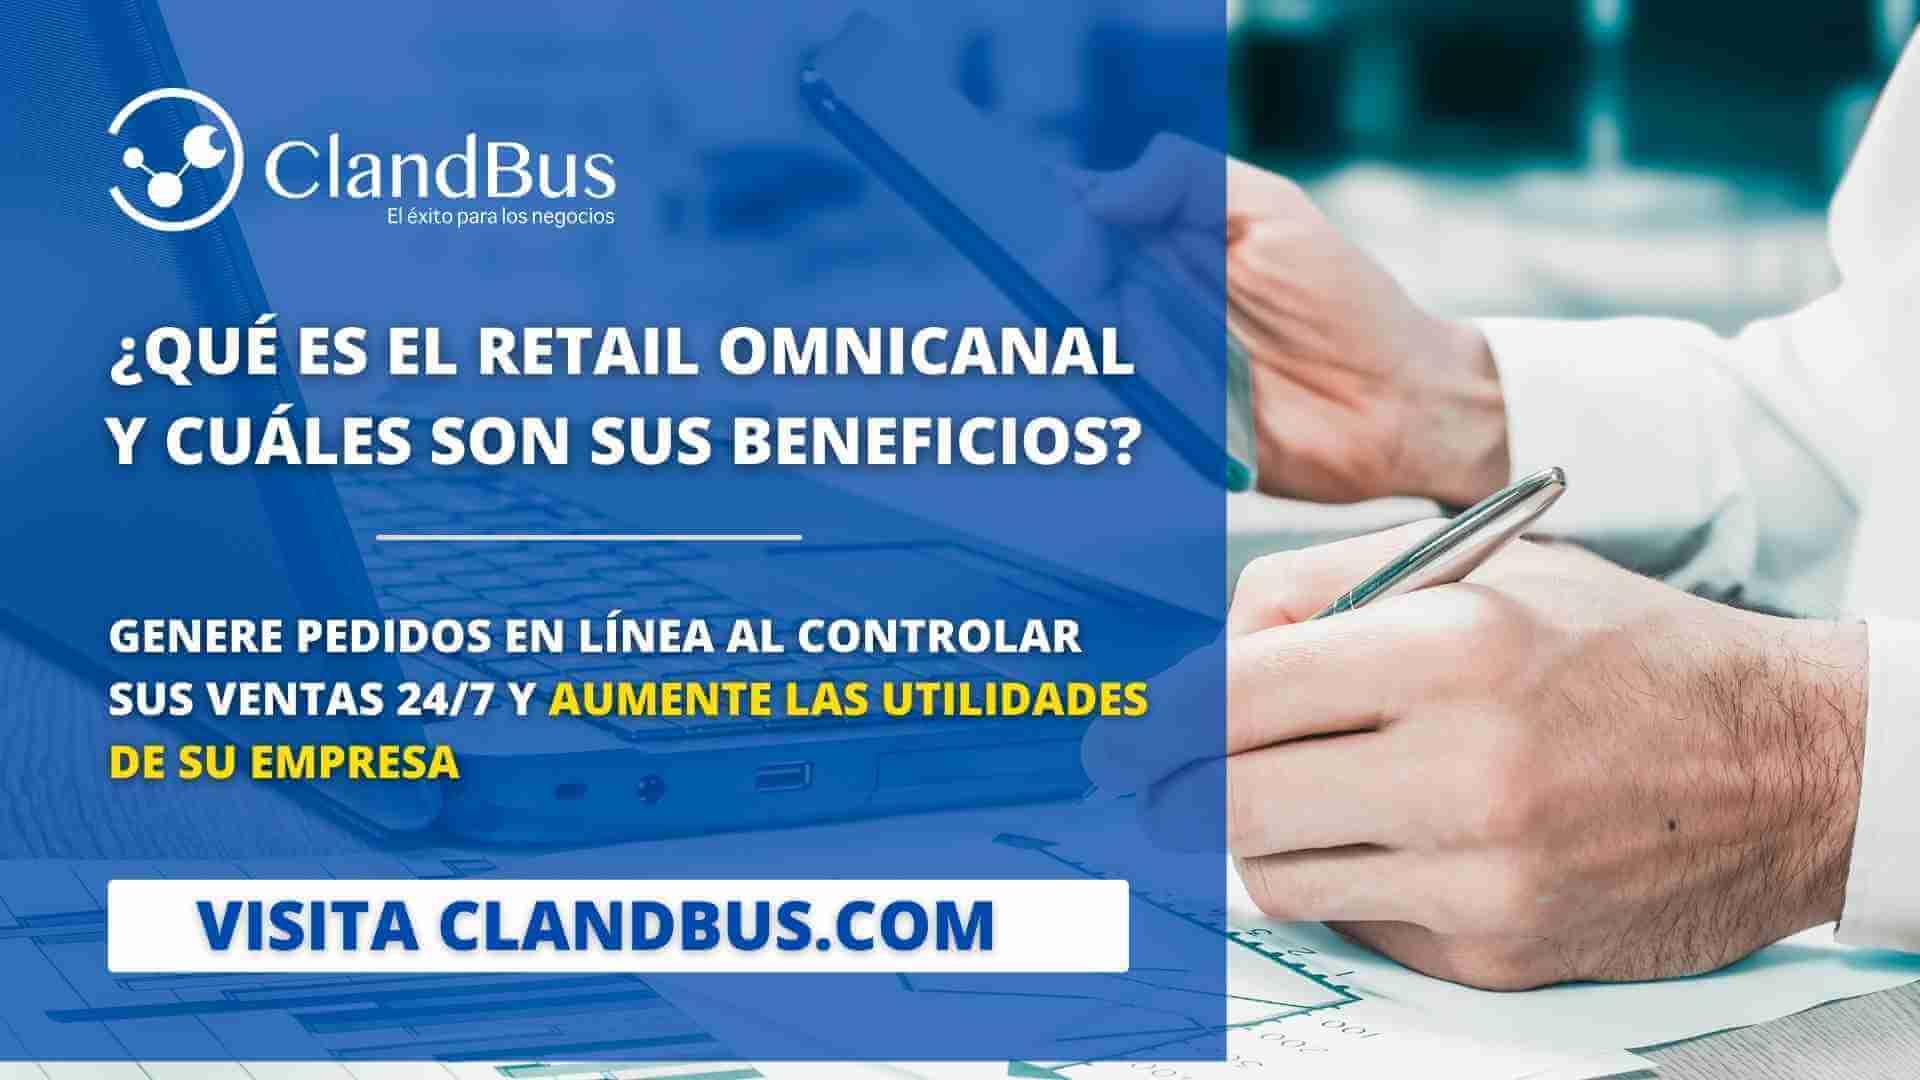 Qué es el retail omnicanal - Genere pedidos en línea al controlar sus ventas 24_7 y aumente las utilidades de su empresa con ayuda de ClandBus y Acumatica ERP